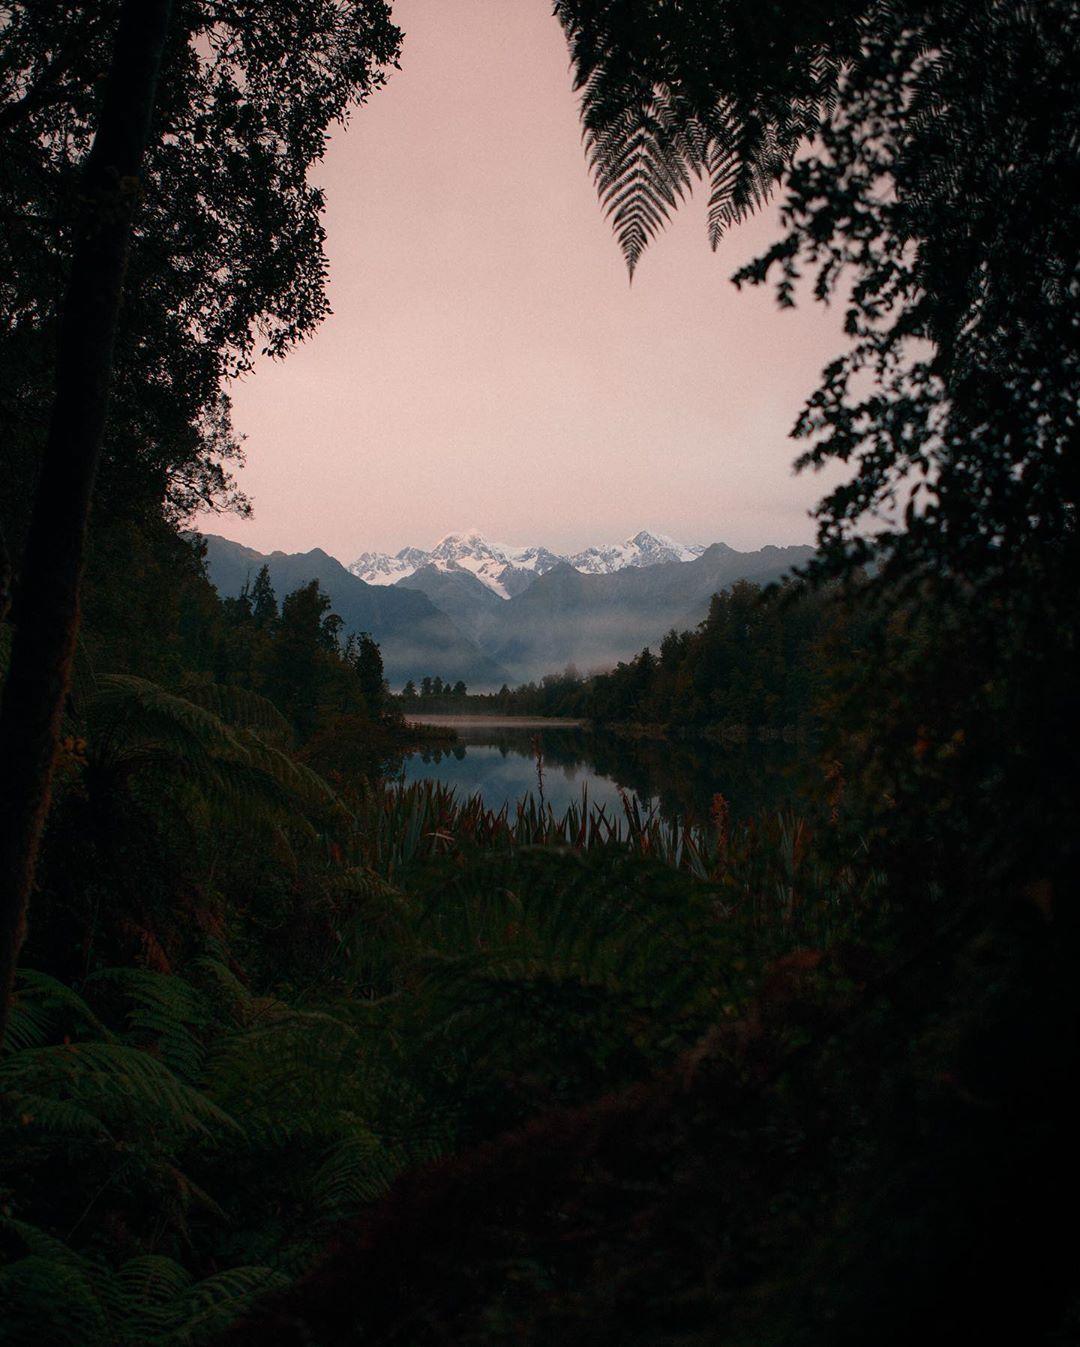 Природа и путешествия на снимках Йоханнеса Хена